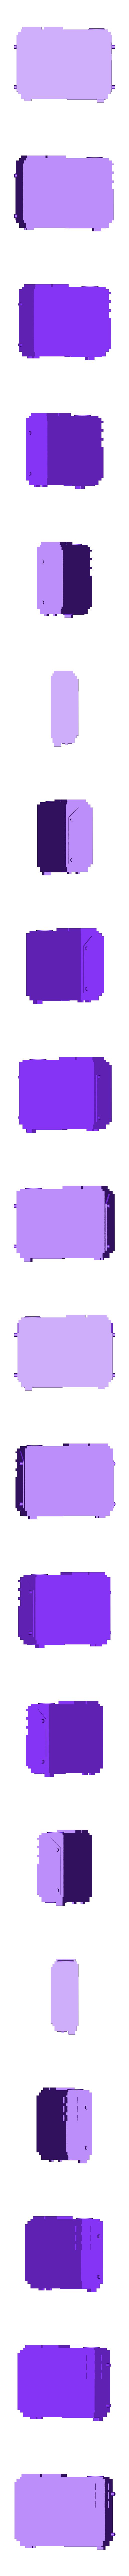 Luis_Furniture_desk_computer_unit.stl Télécharger fichier STL gratuit Ensemble de meubles inspiré par Wolfenstein pour le jeu de guerre • Modèle pour imprimante 3D, El_Mutanto